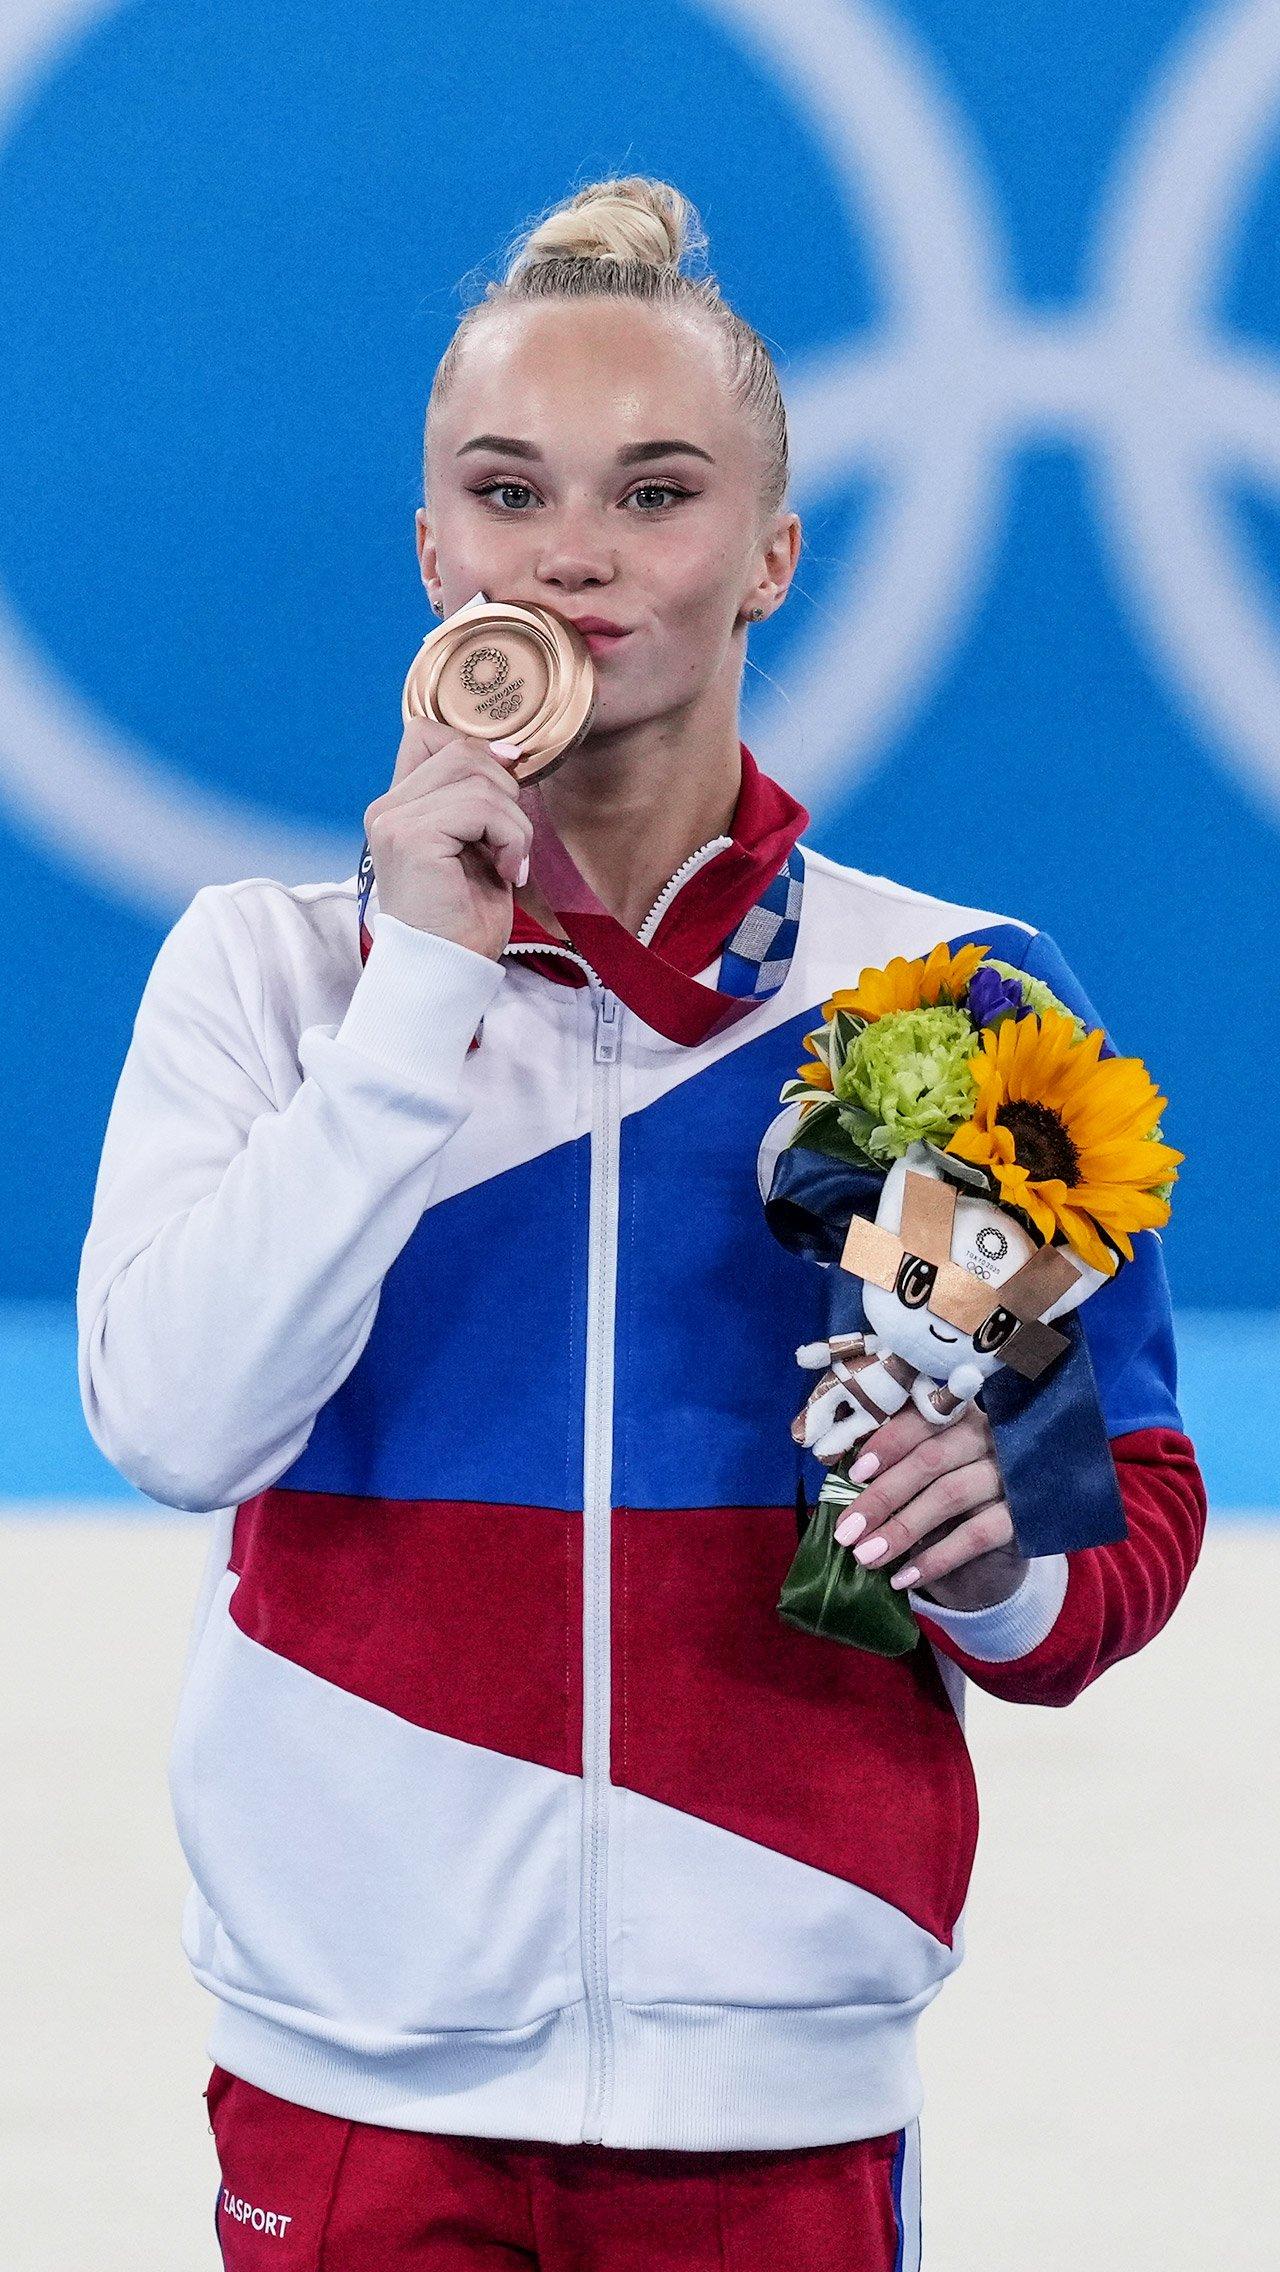 Гимнасты Никита Нагорный и Ангелина Мельникова за золото и бронзу получат по 5,7 млн рублей. Но у спортсменов ещё есть шанс увеличить свои призовые на второй неделе Олимпиады.